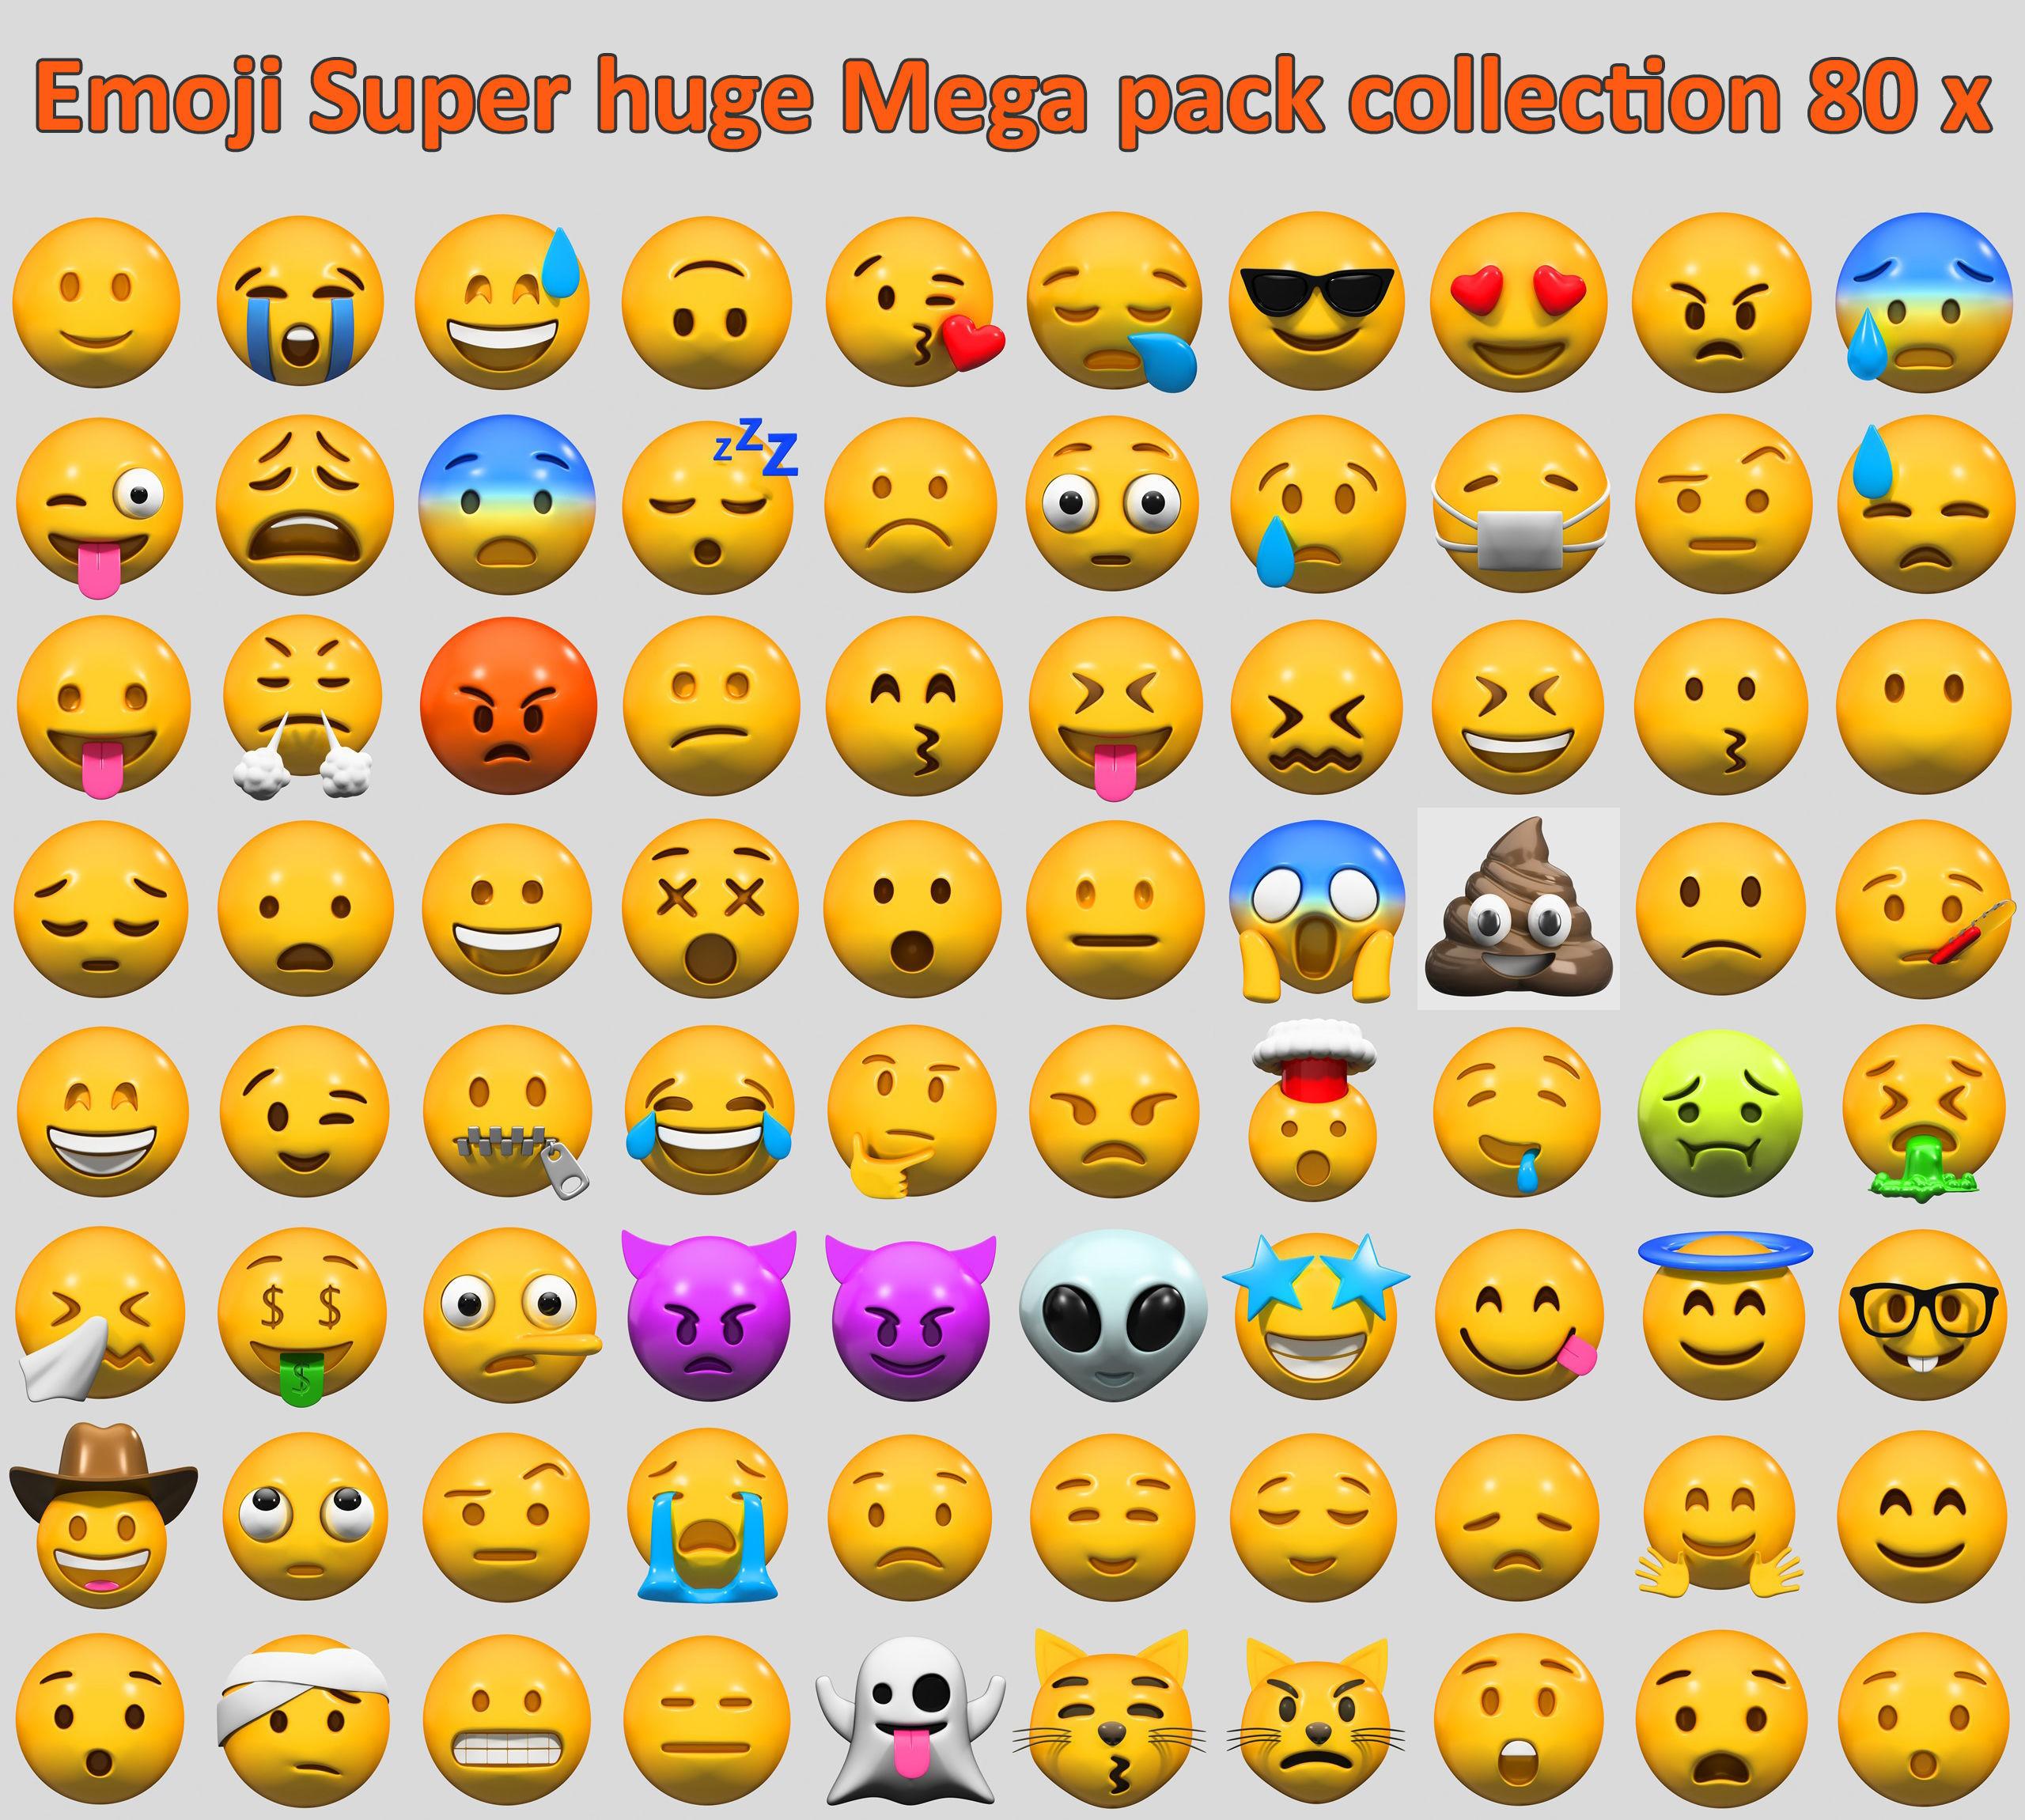 Emoji Super huge Mega pack collection 80 x